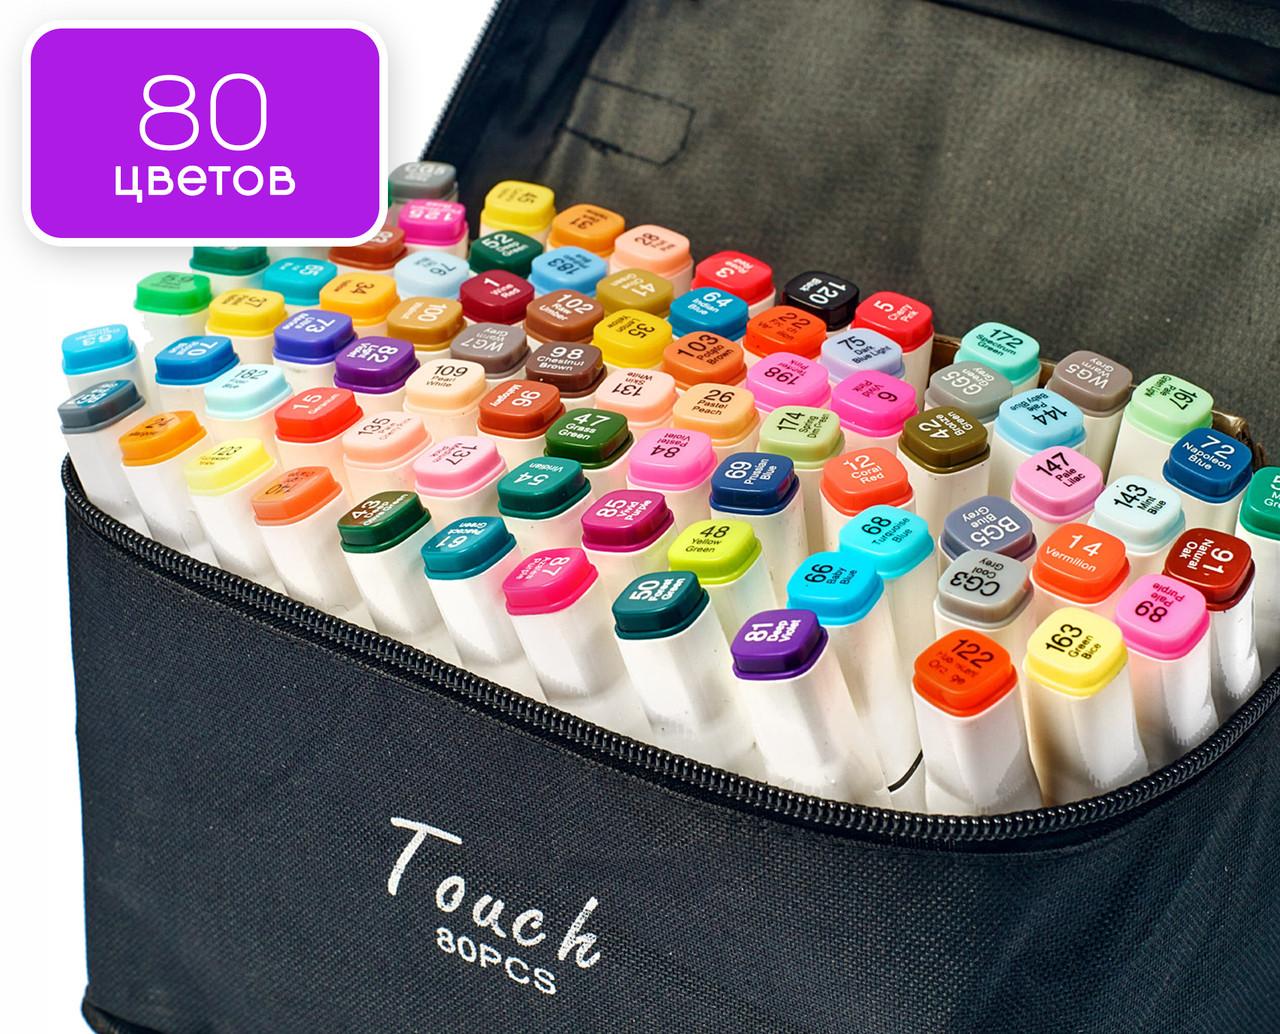 Набор спиртовых маркеров для скетчей Touch Sketch 80 шт, Художественные Двусторонние маркеры для рисования